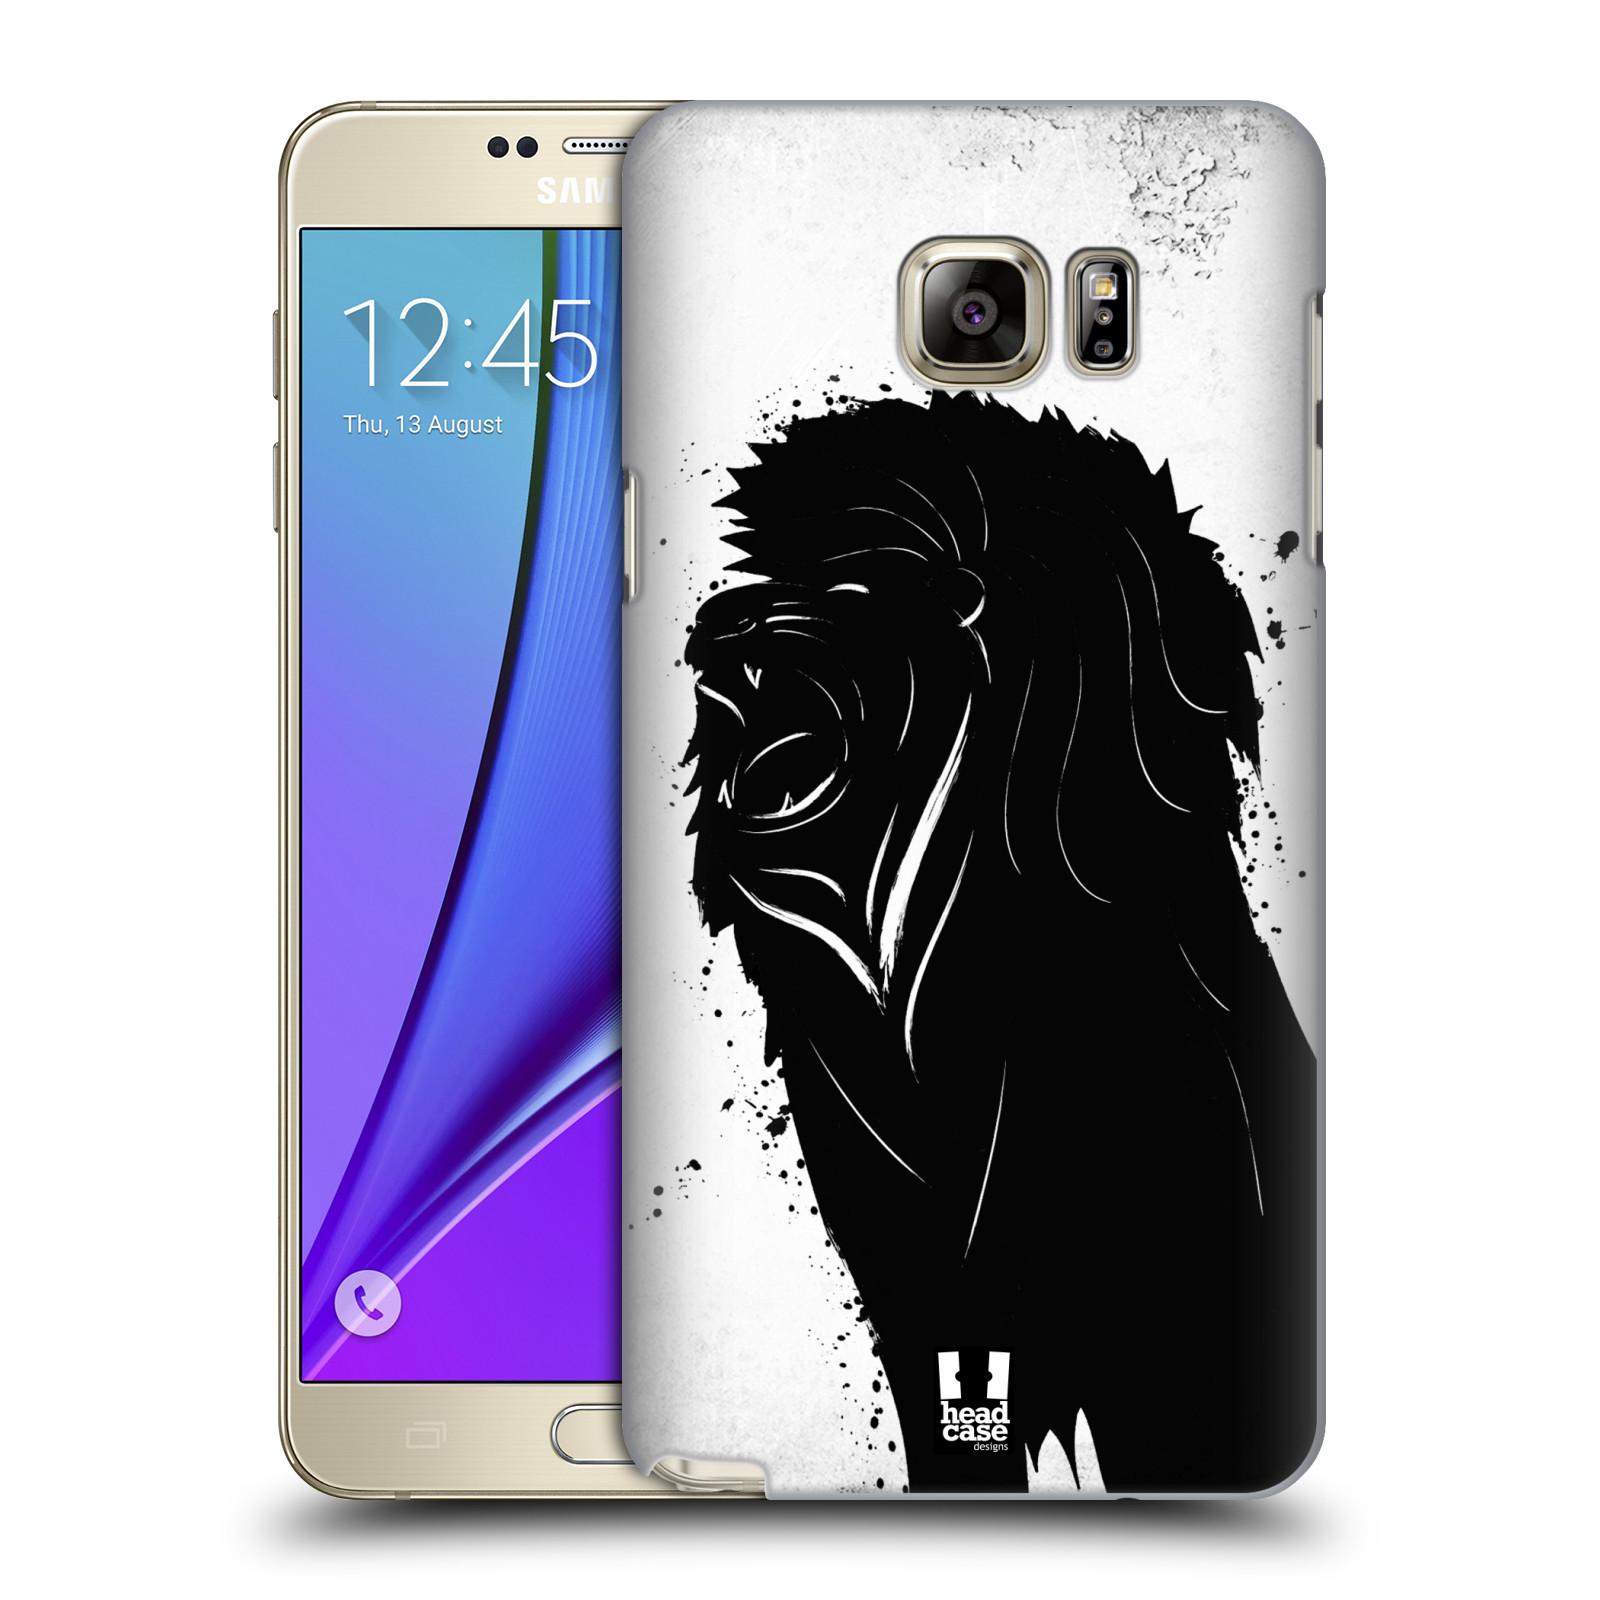 HEAD CASE plastový obal na mobil SAMSUNG Galaxy Note 5 (N920) vzor Kresba tuš zvíře lev